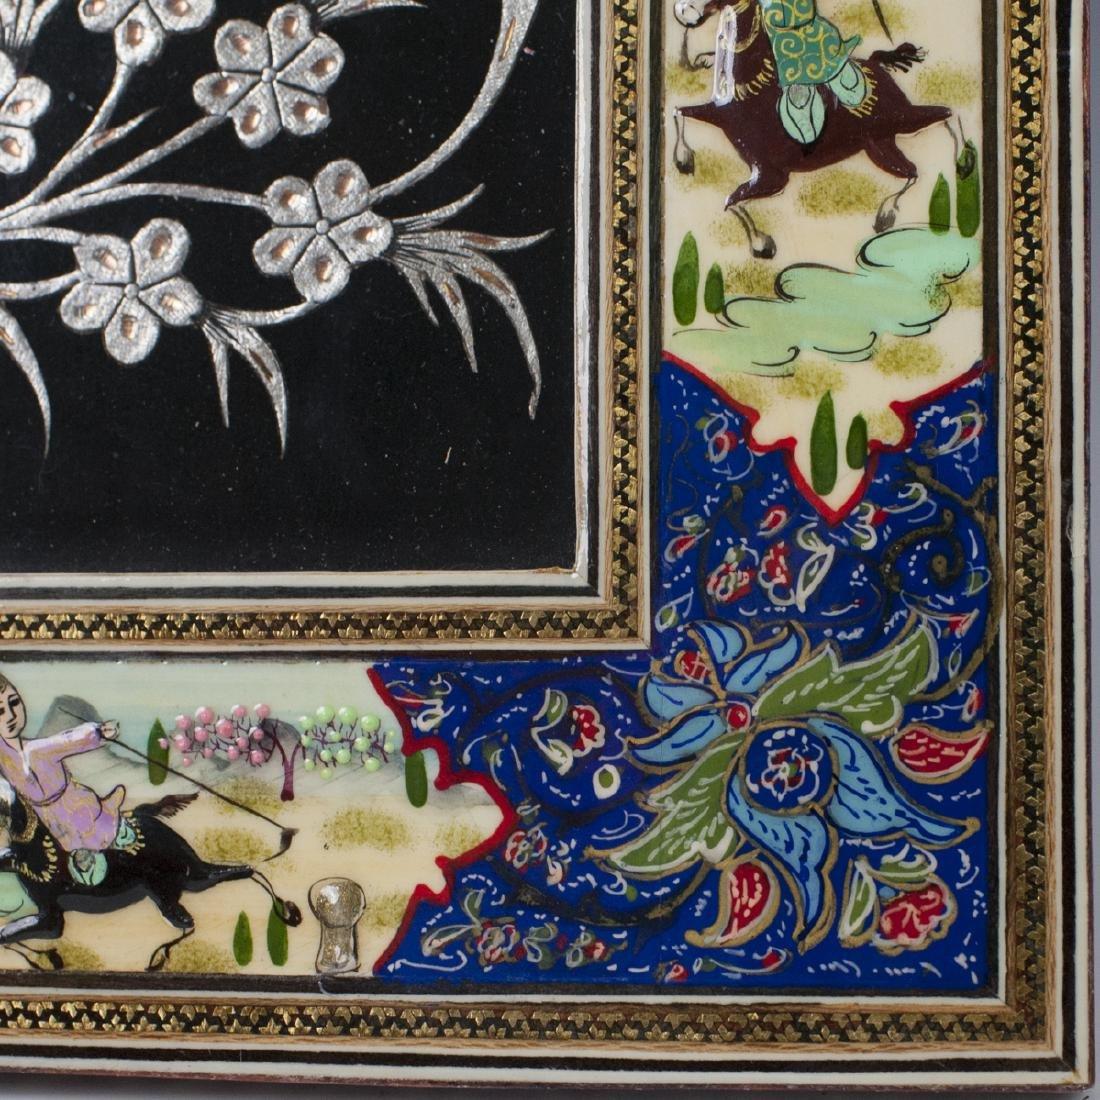 Persian Lacquered Khatam Frame Art - 5